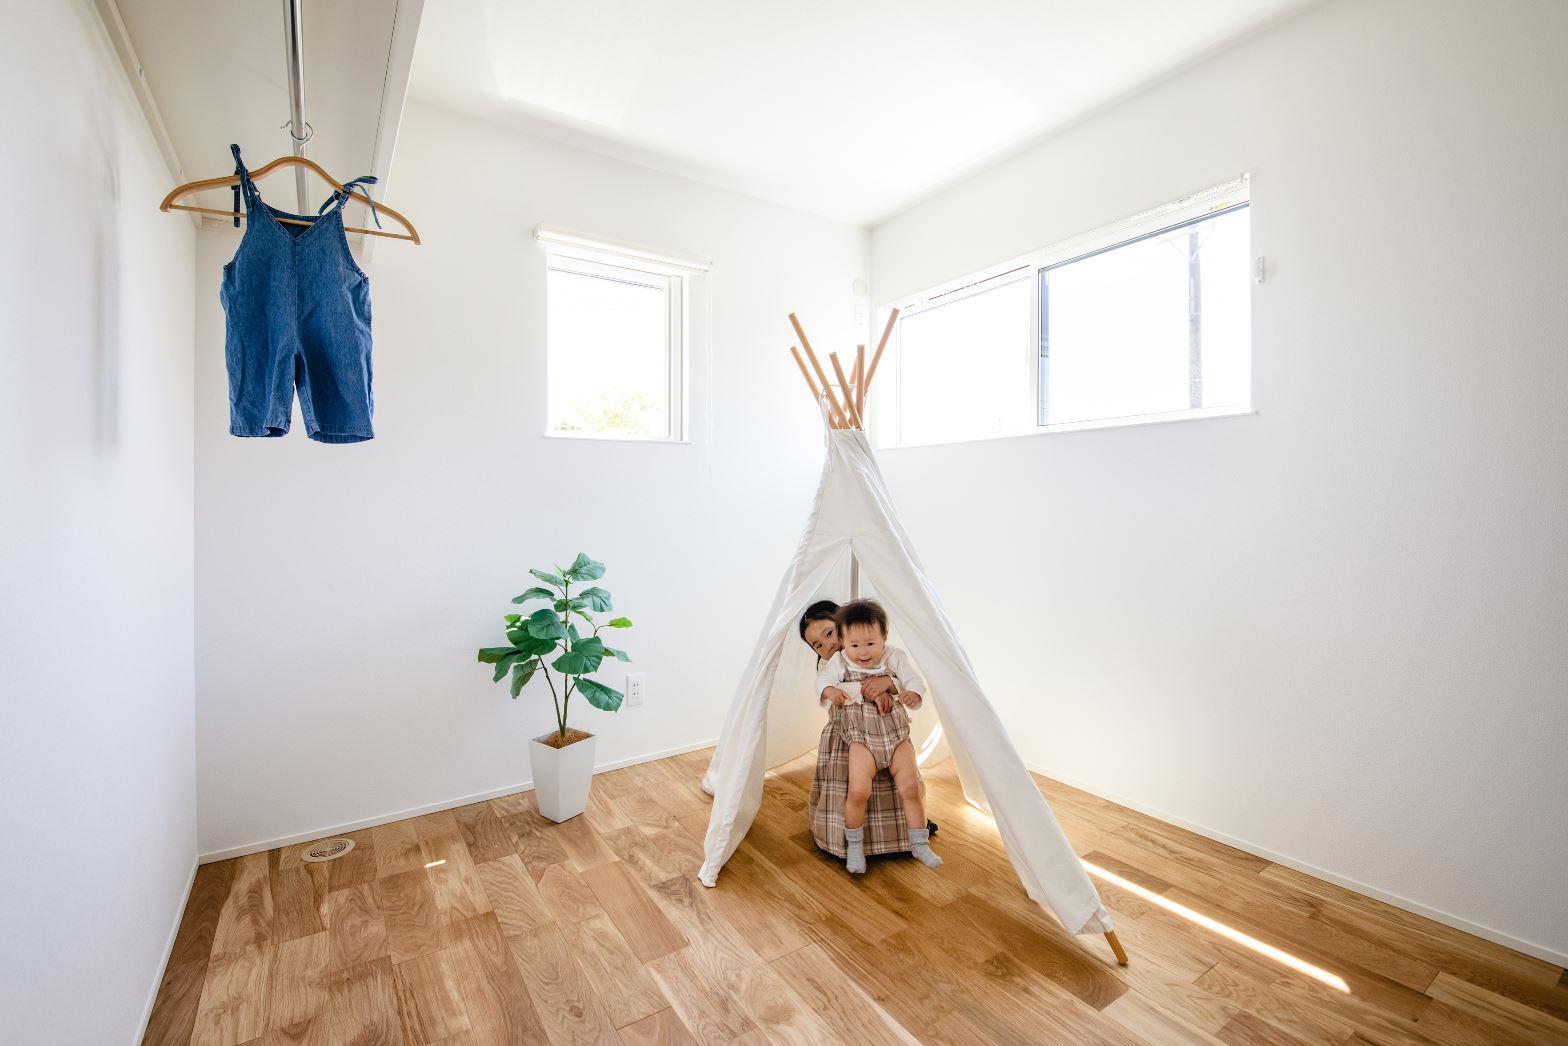 S.CONNECT(エスコネクト)【デザイン住宅、収納力、間取り】こども部屋の収納は扉を設けないことで、空間をより広く感じることができる